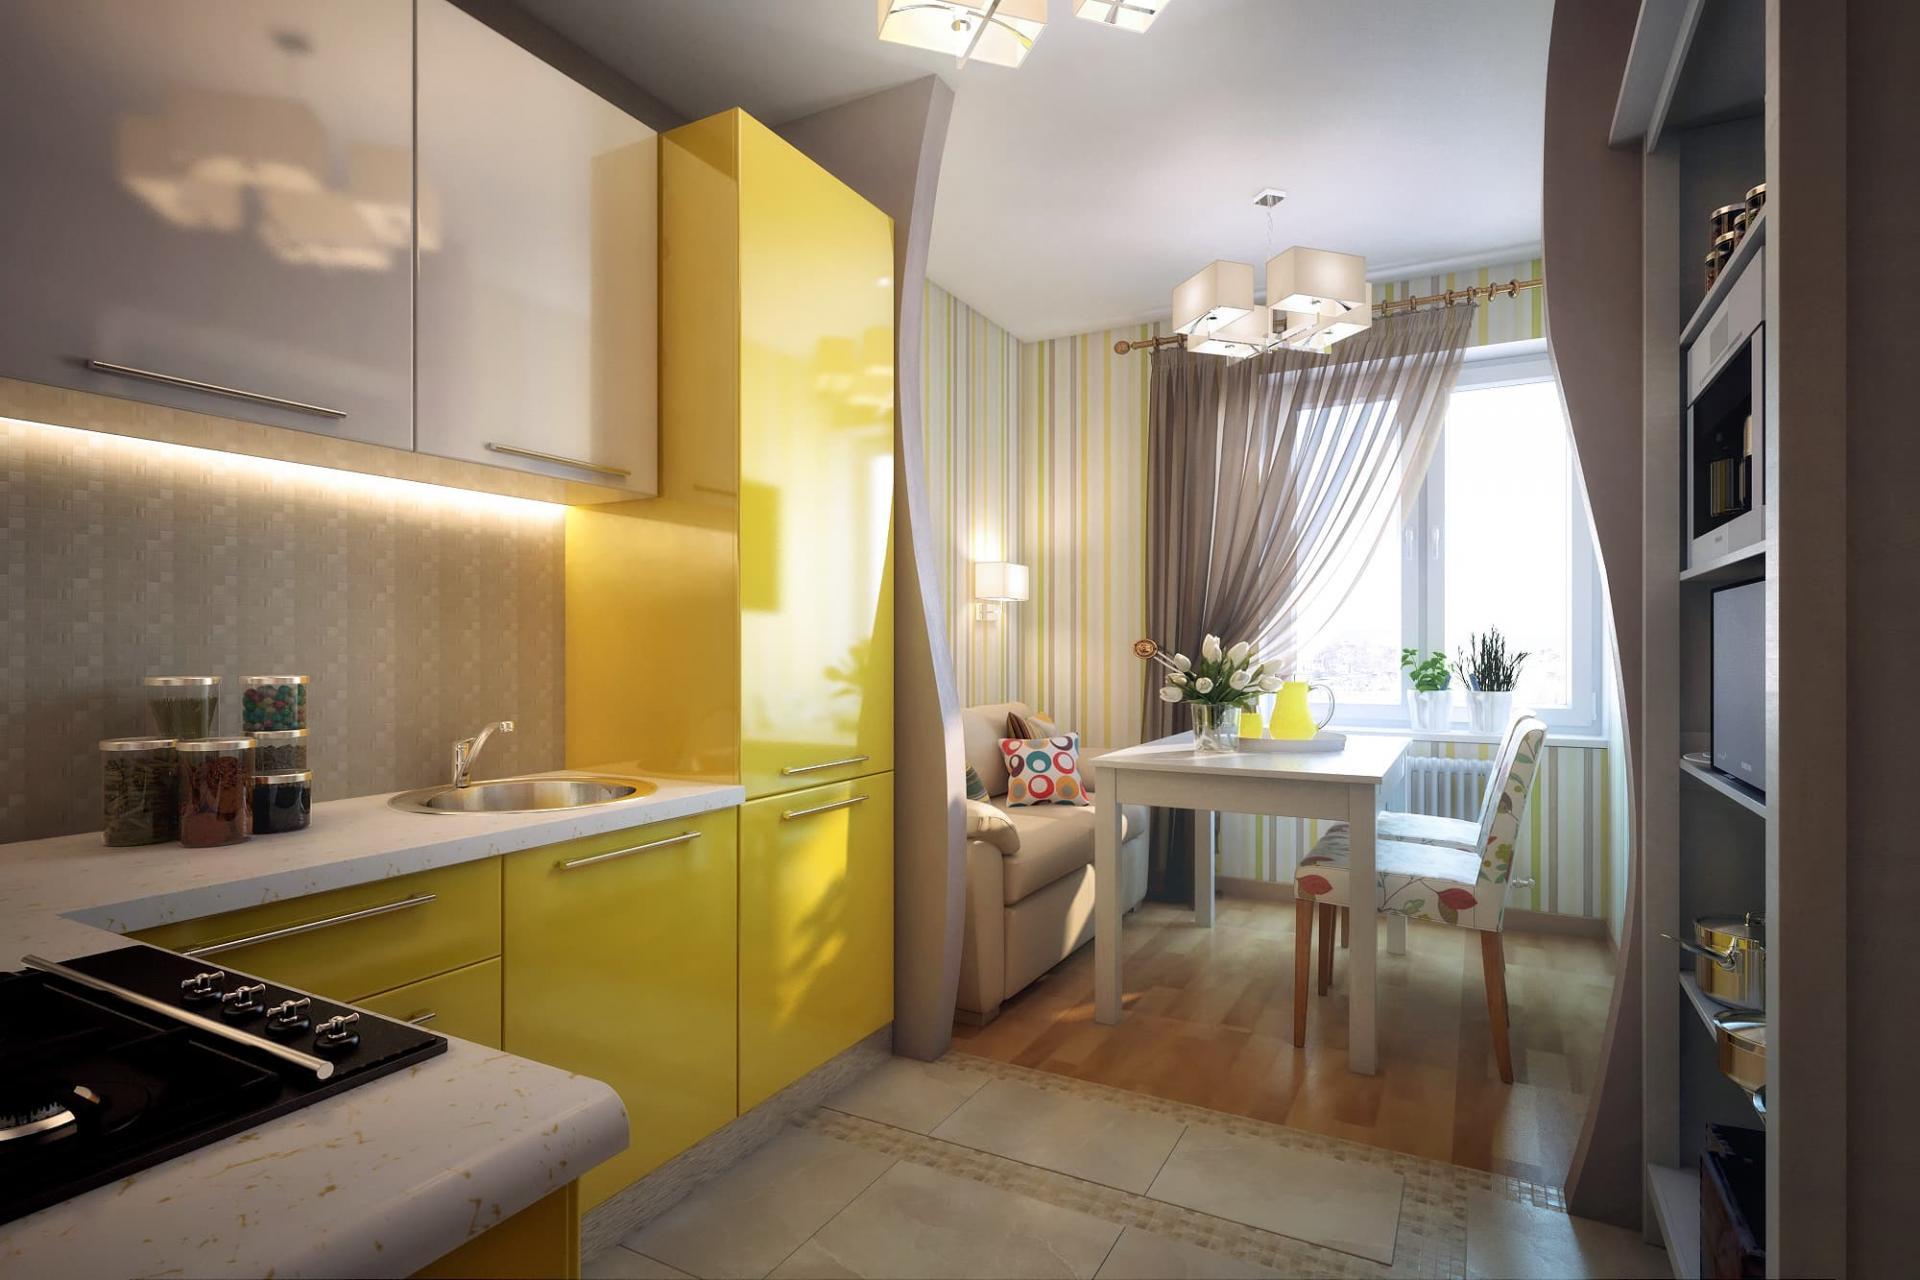 Кухня 14 кв м дизайн с балконом с диваном.